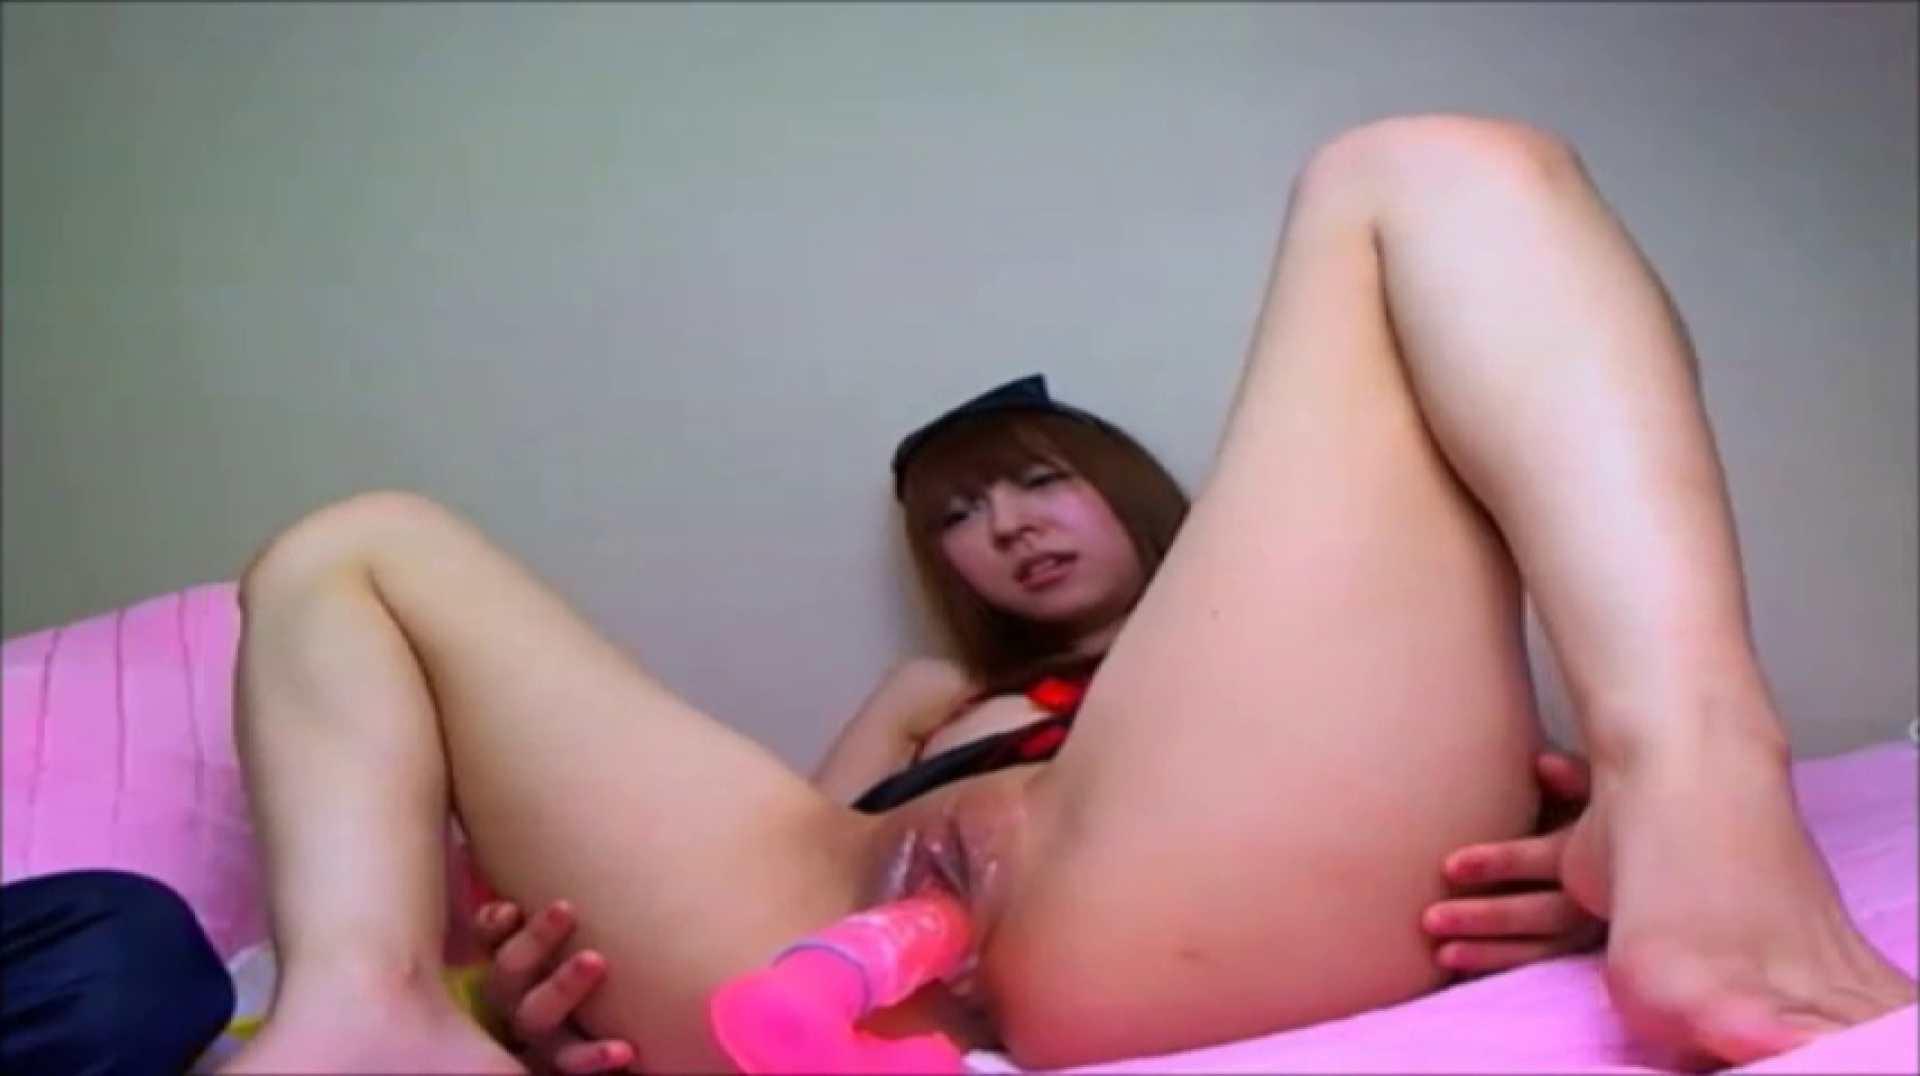 ガチンコ!!激カワギャル限定個人ハメ撮りセフレ編Vol.28 一般投稿 | OLの裸事情  89枚 71